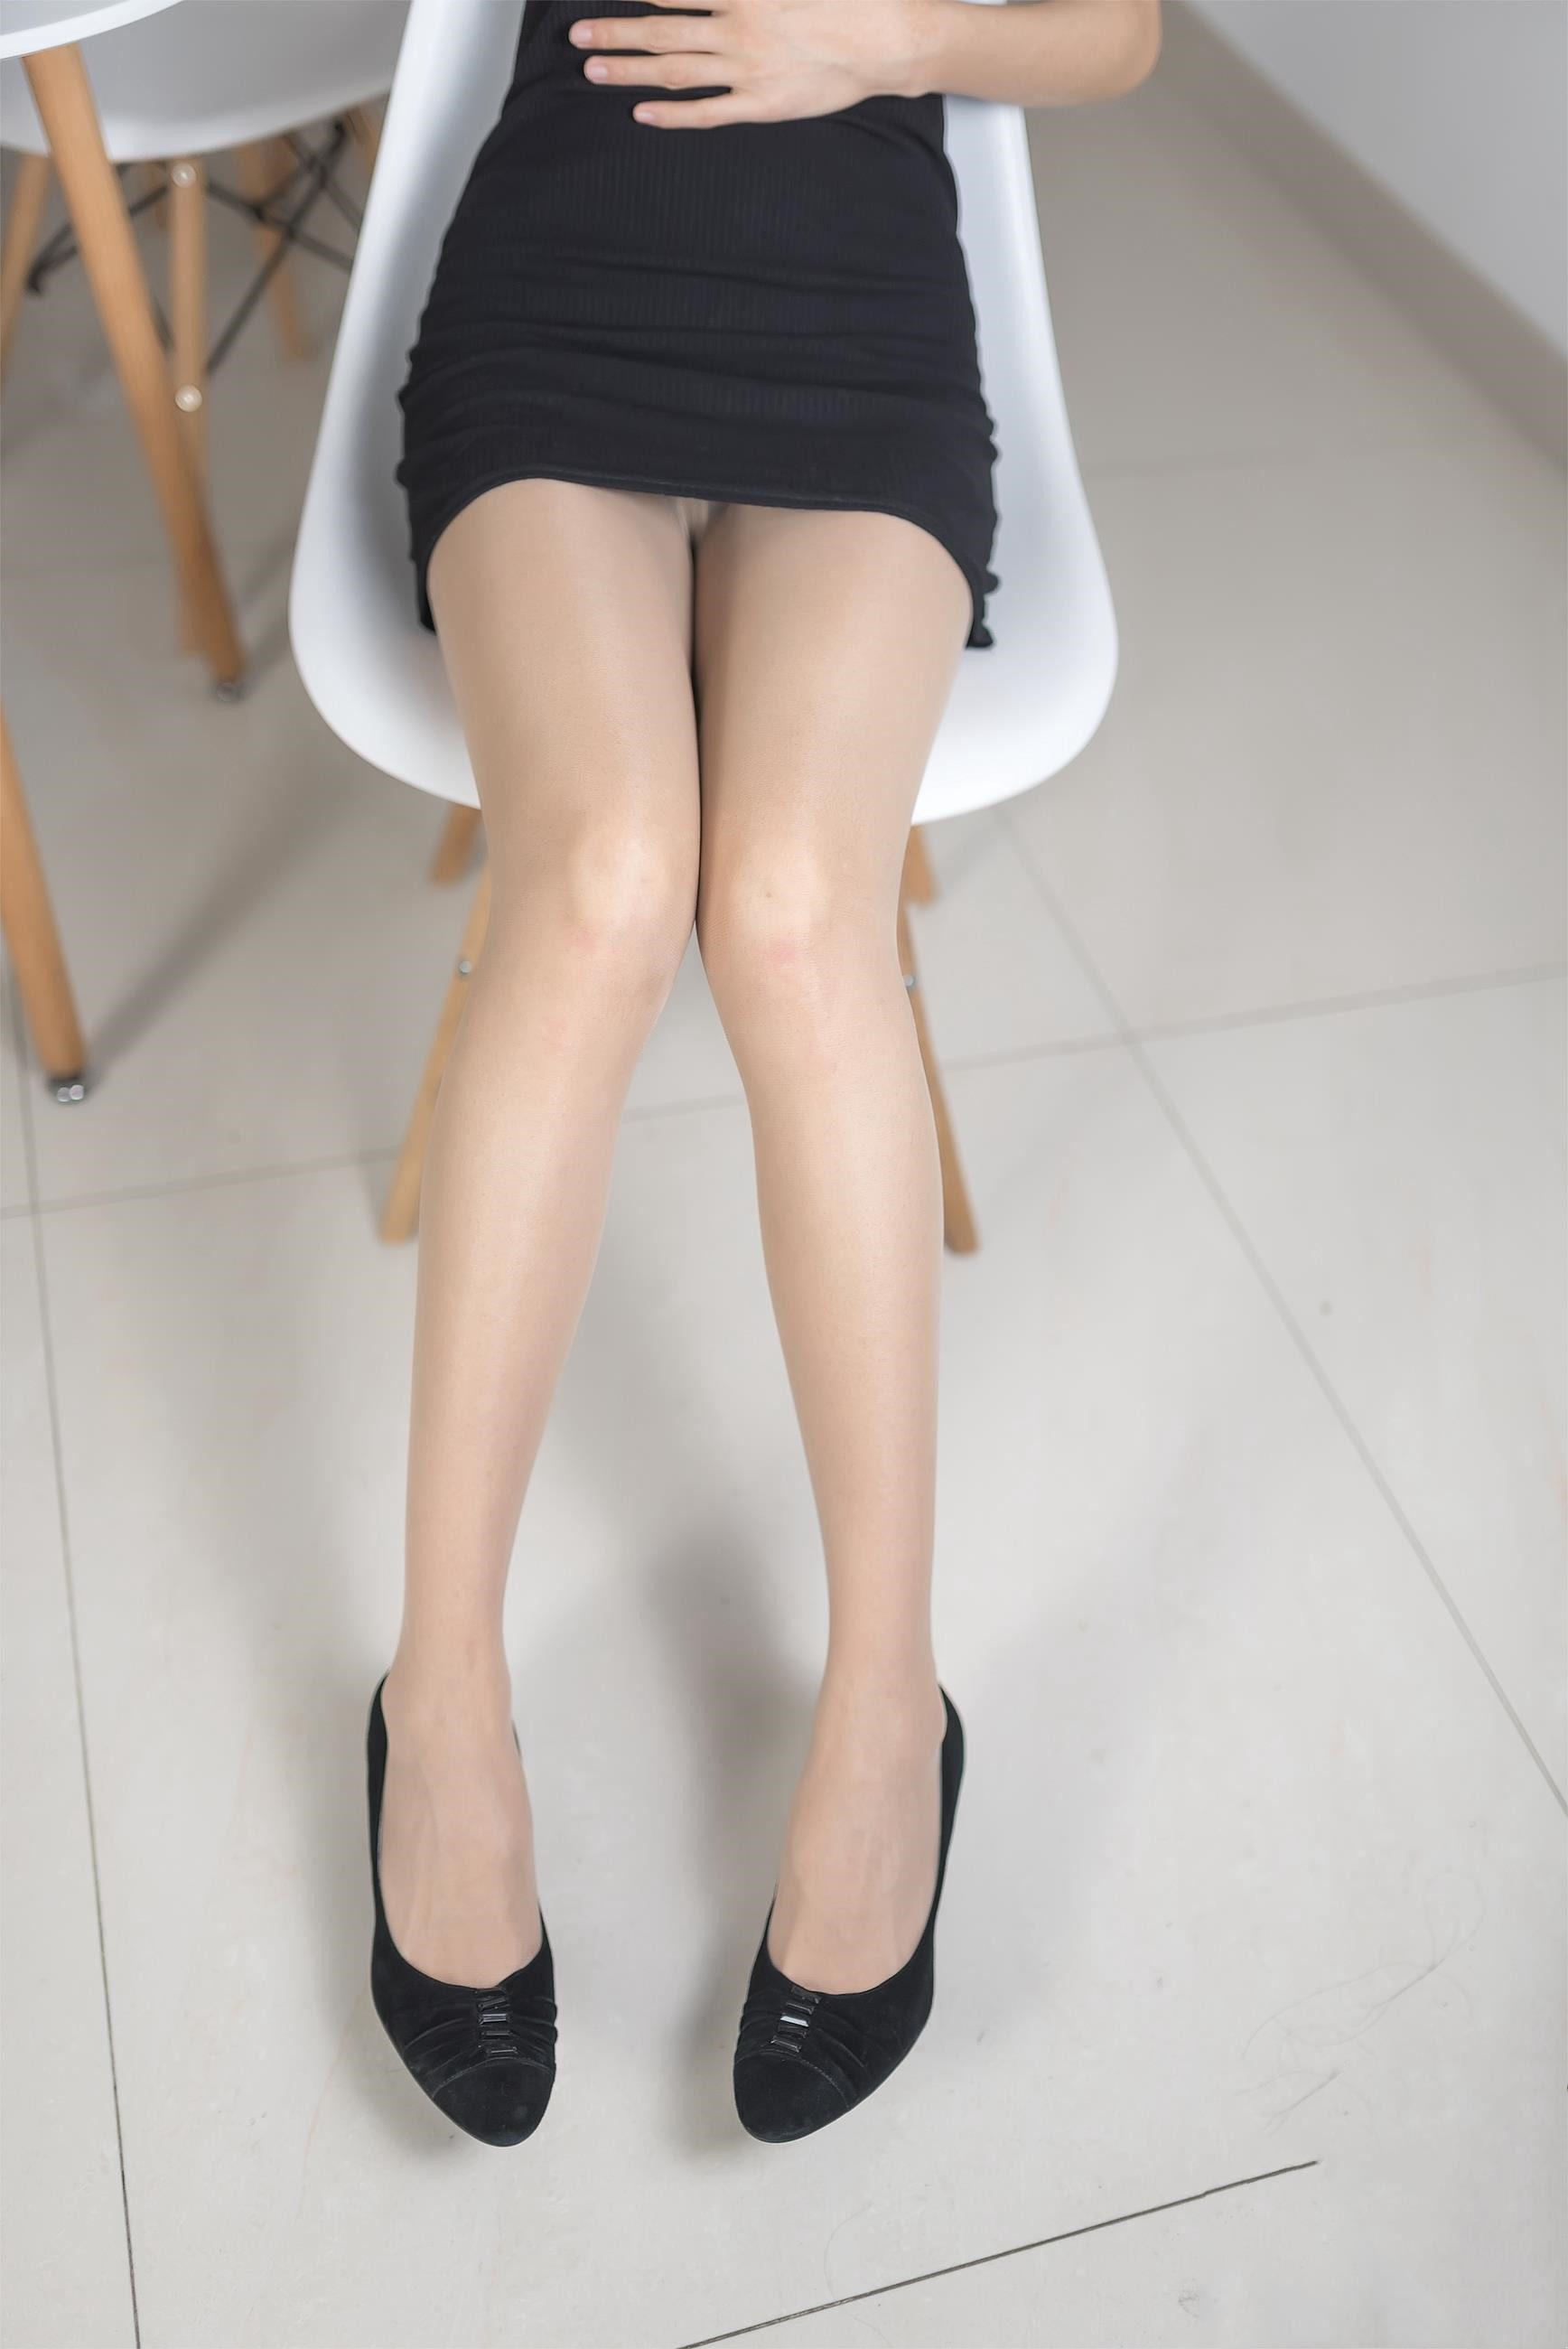 【风之领域0008】美翻了的御姐的丝袜腿,单看腿就感觉神经已经被麻醉!!!